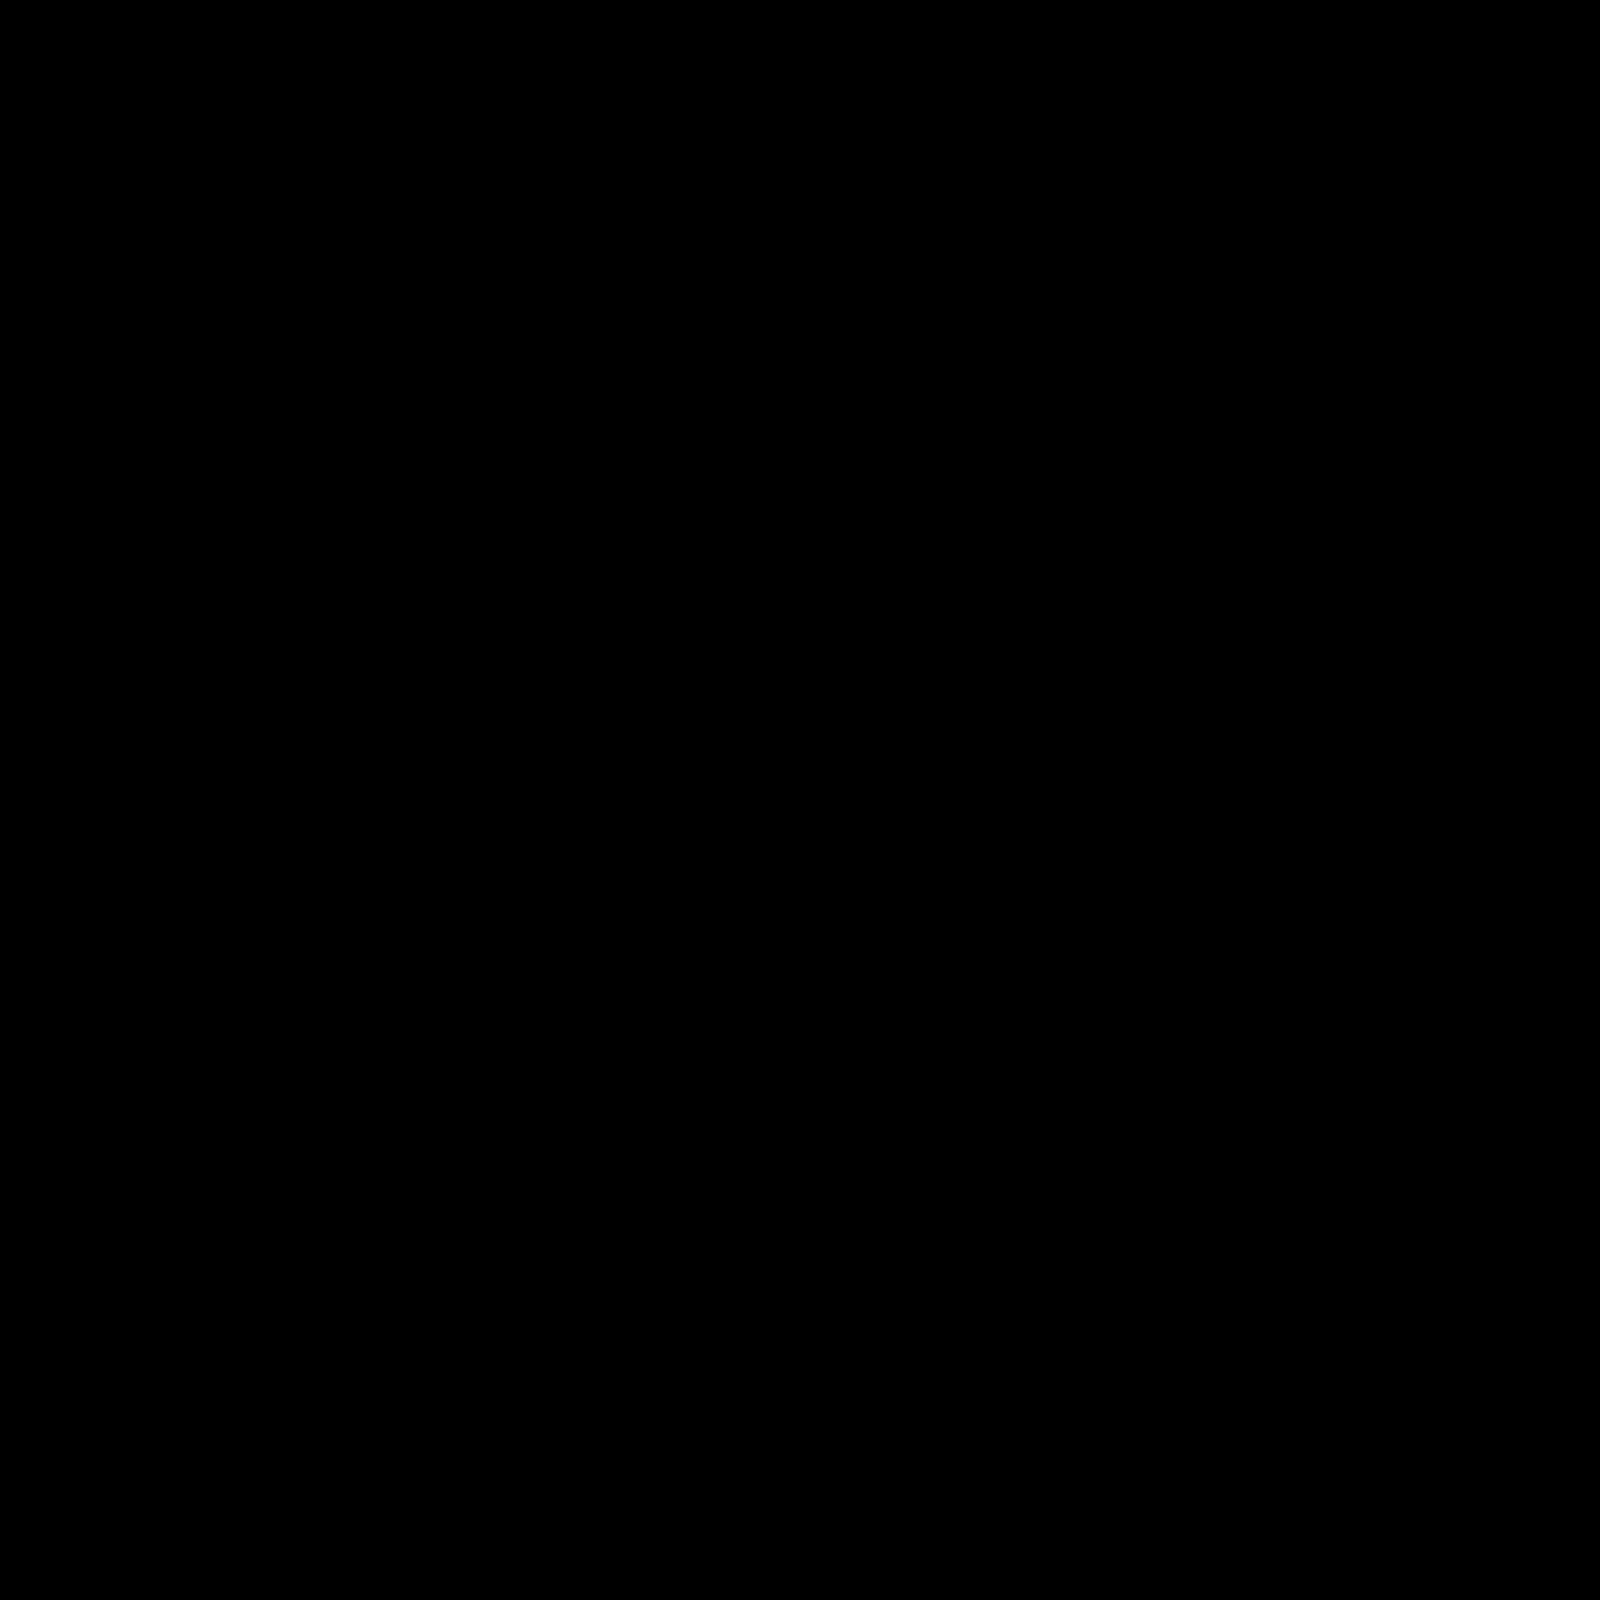 Gitara Basowa icon